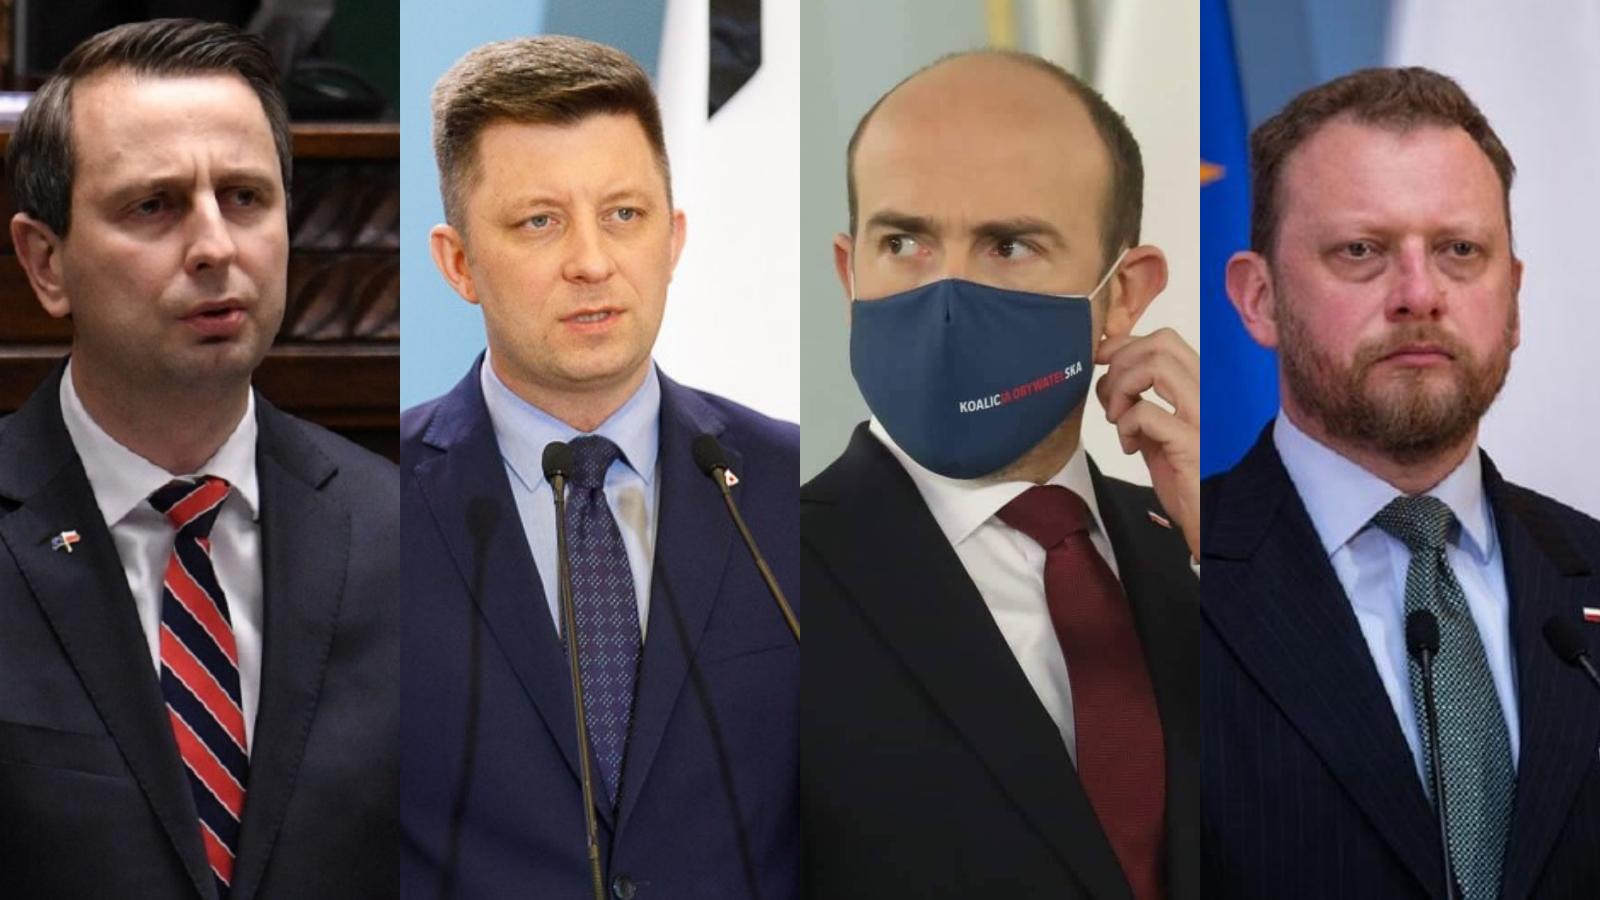 """Jak politycy tłumaczą się z urodzin u Mazurka? """"Zmanipulowany wycinek rzeczywistości"""""""